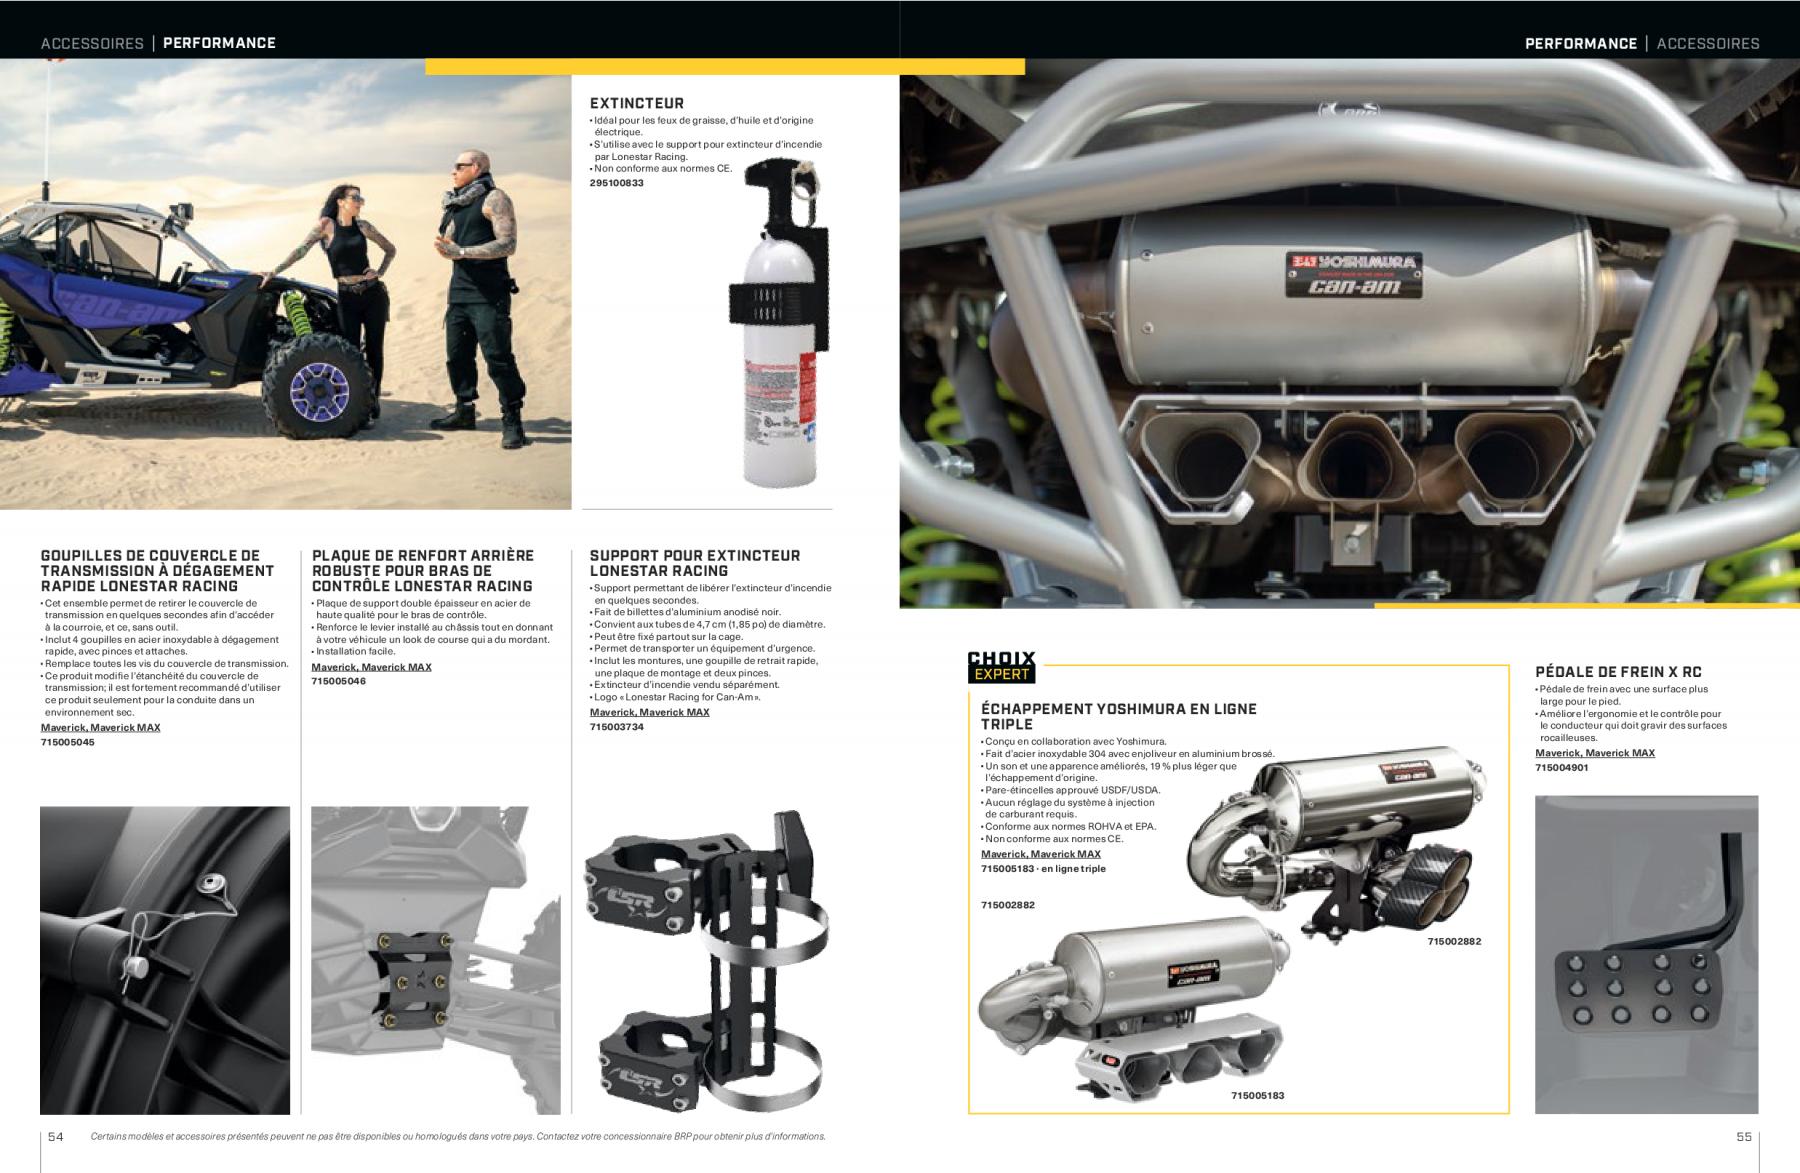 catalogue-accessoires-can-am-off-road-2021-maverick-X28